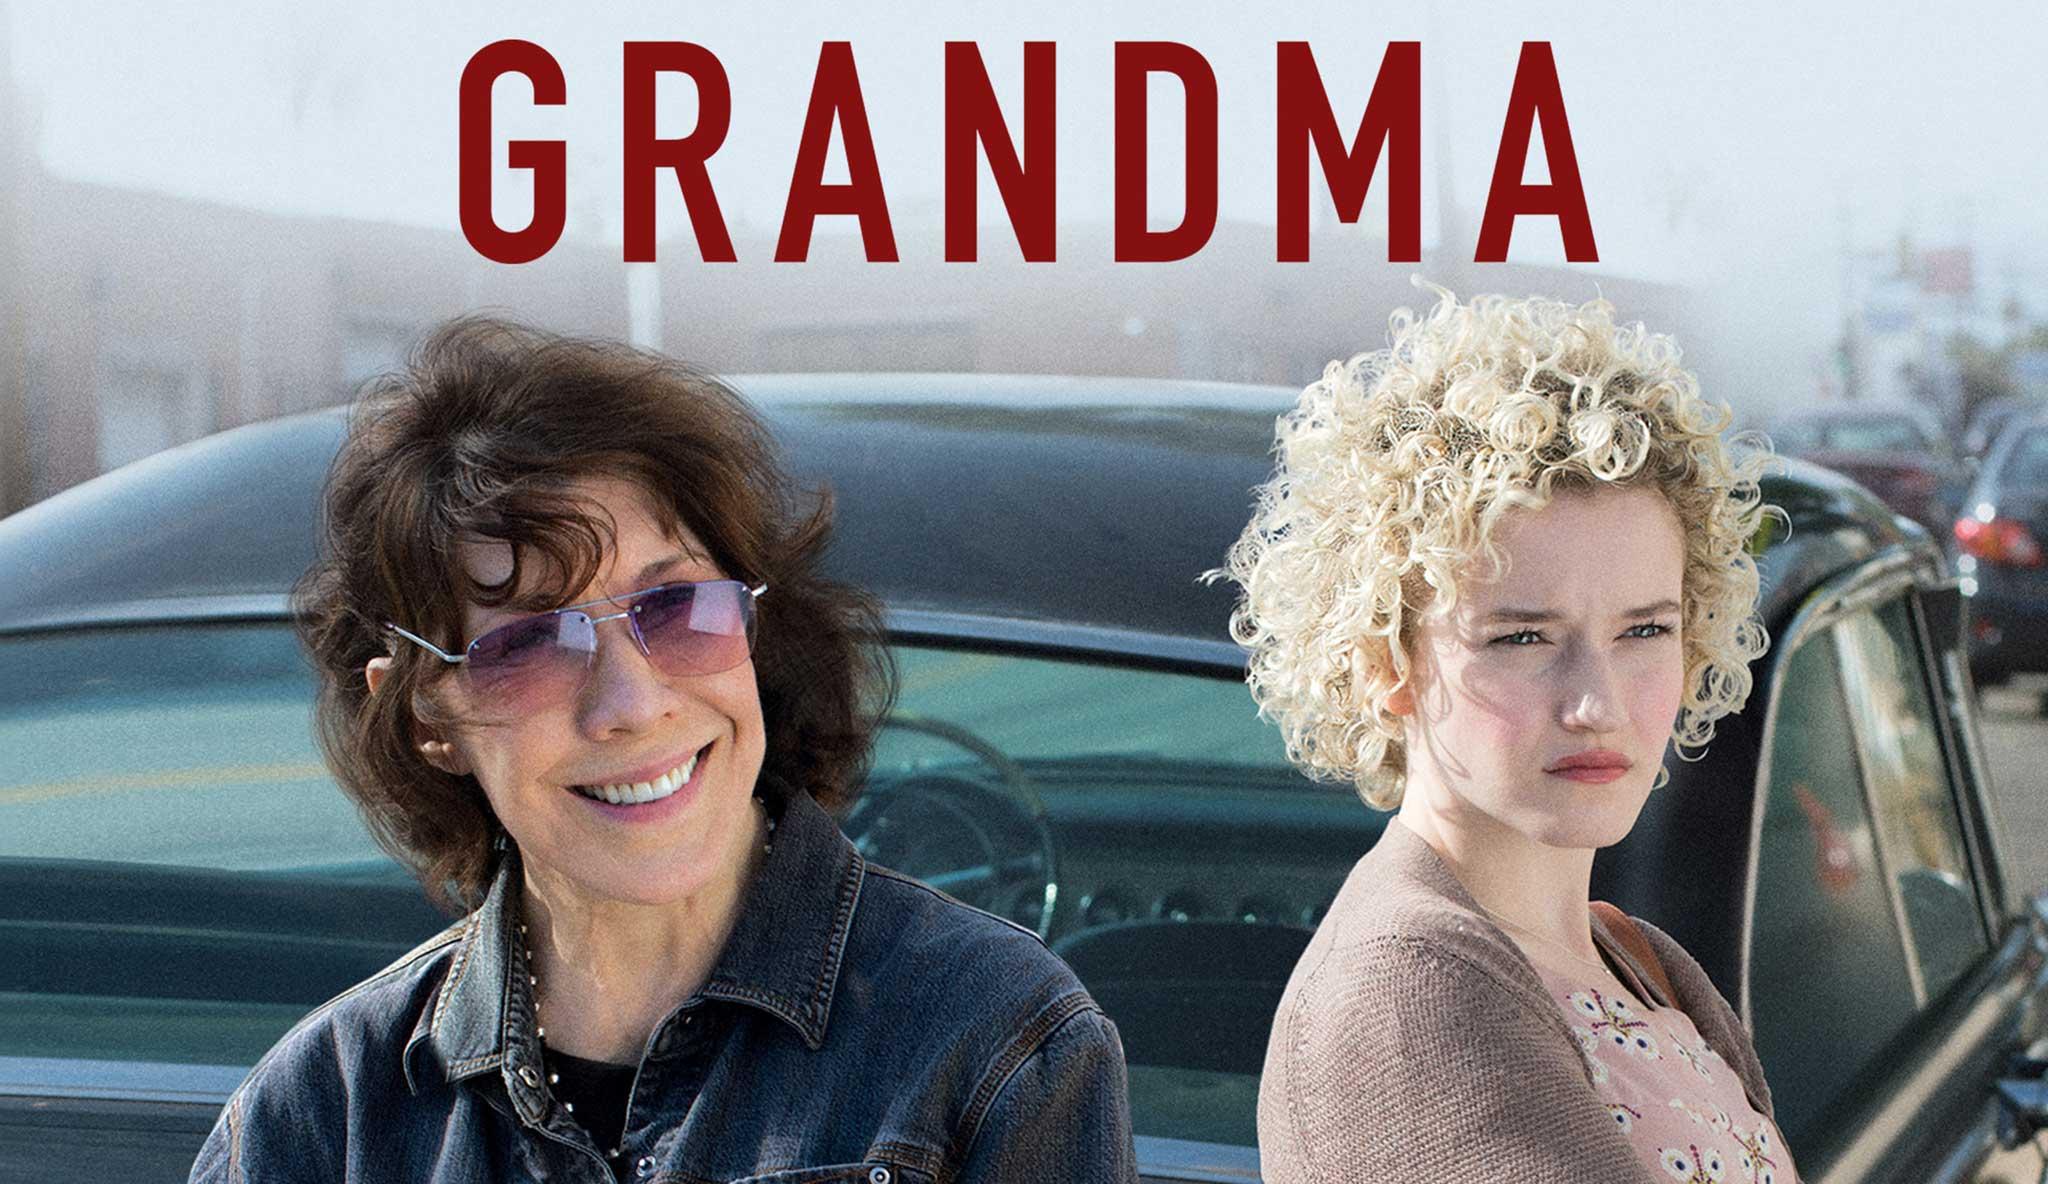 grandma\header.jpg